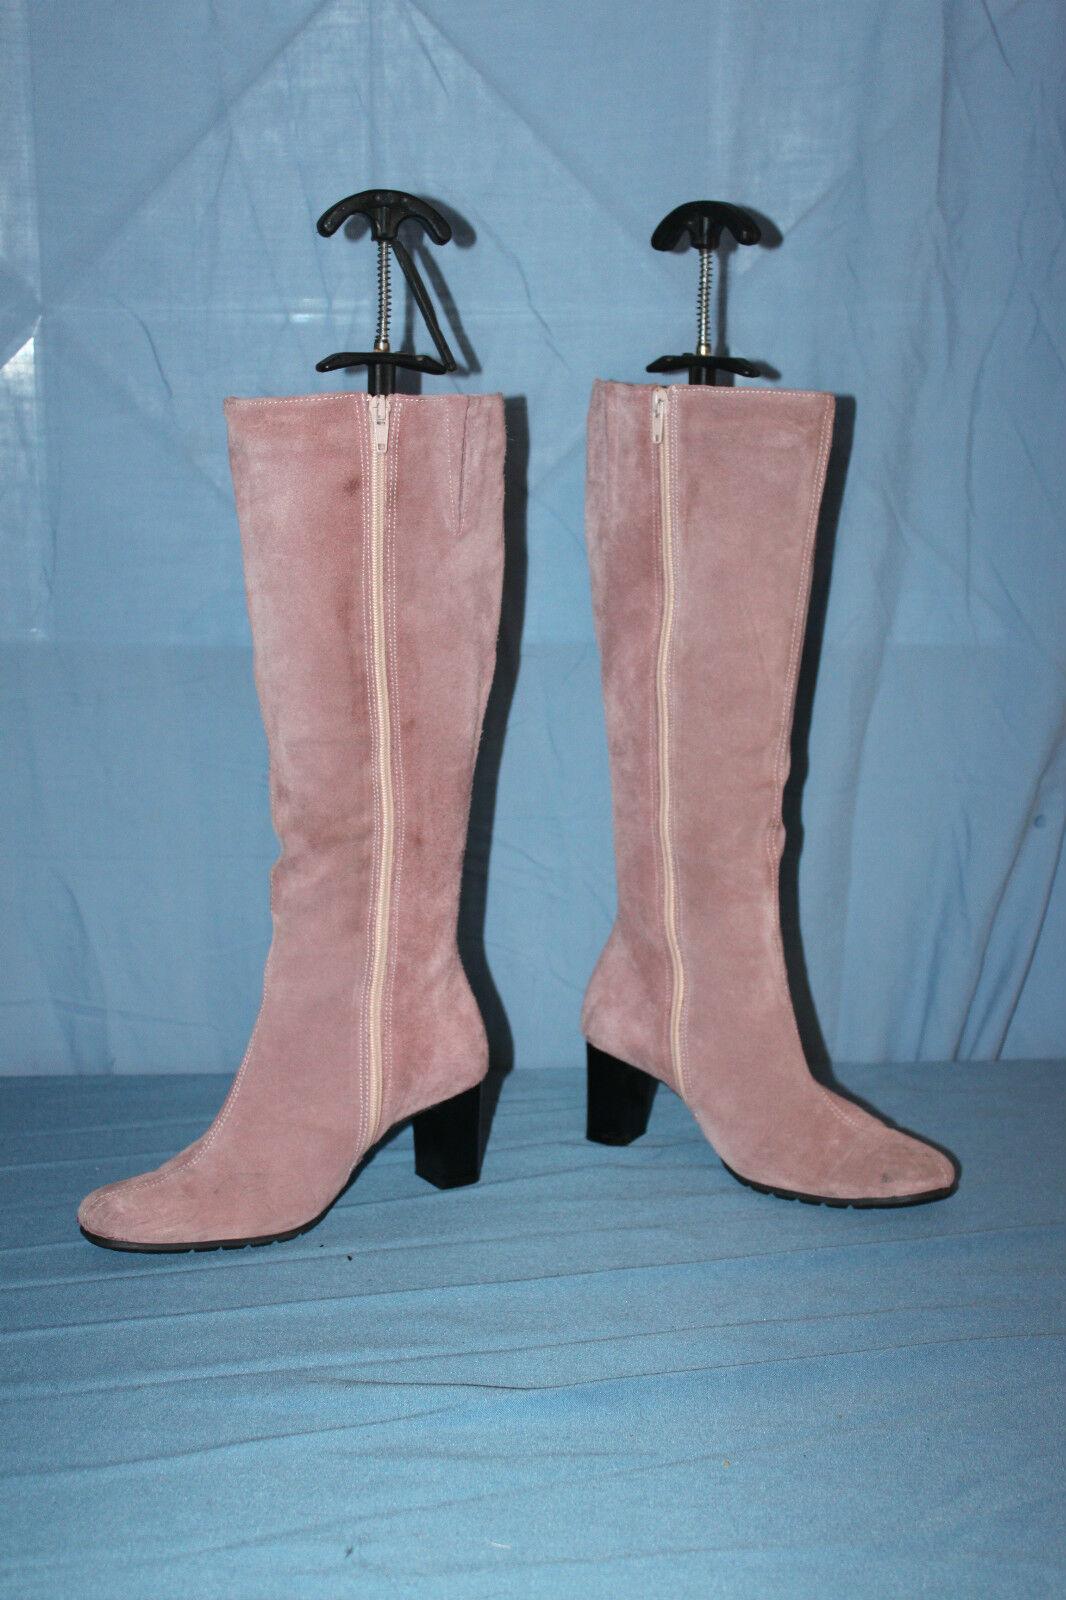 Bottes pink LIPTY Daim pink pâle T 35 BE